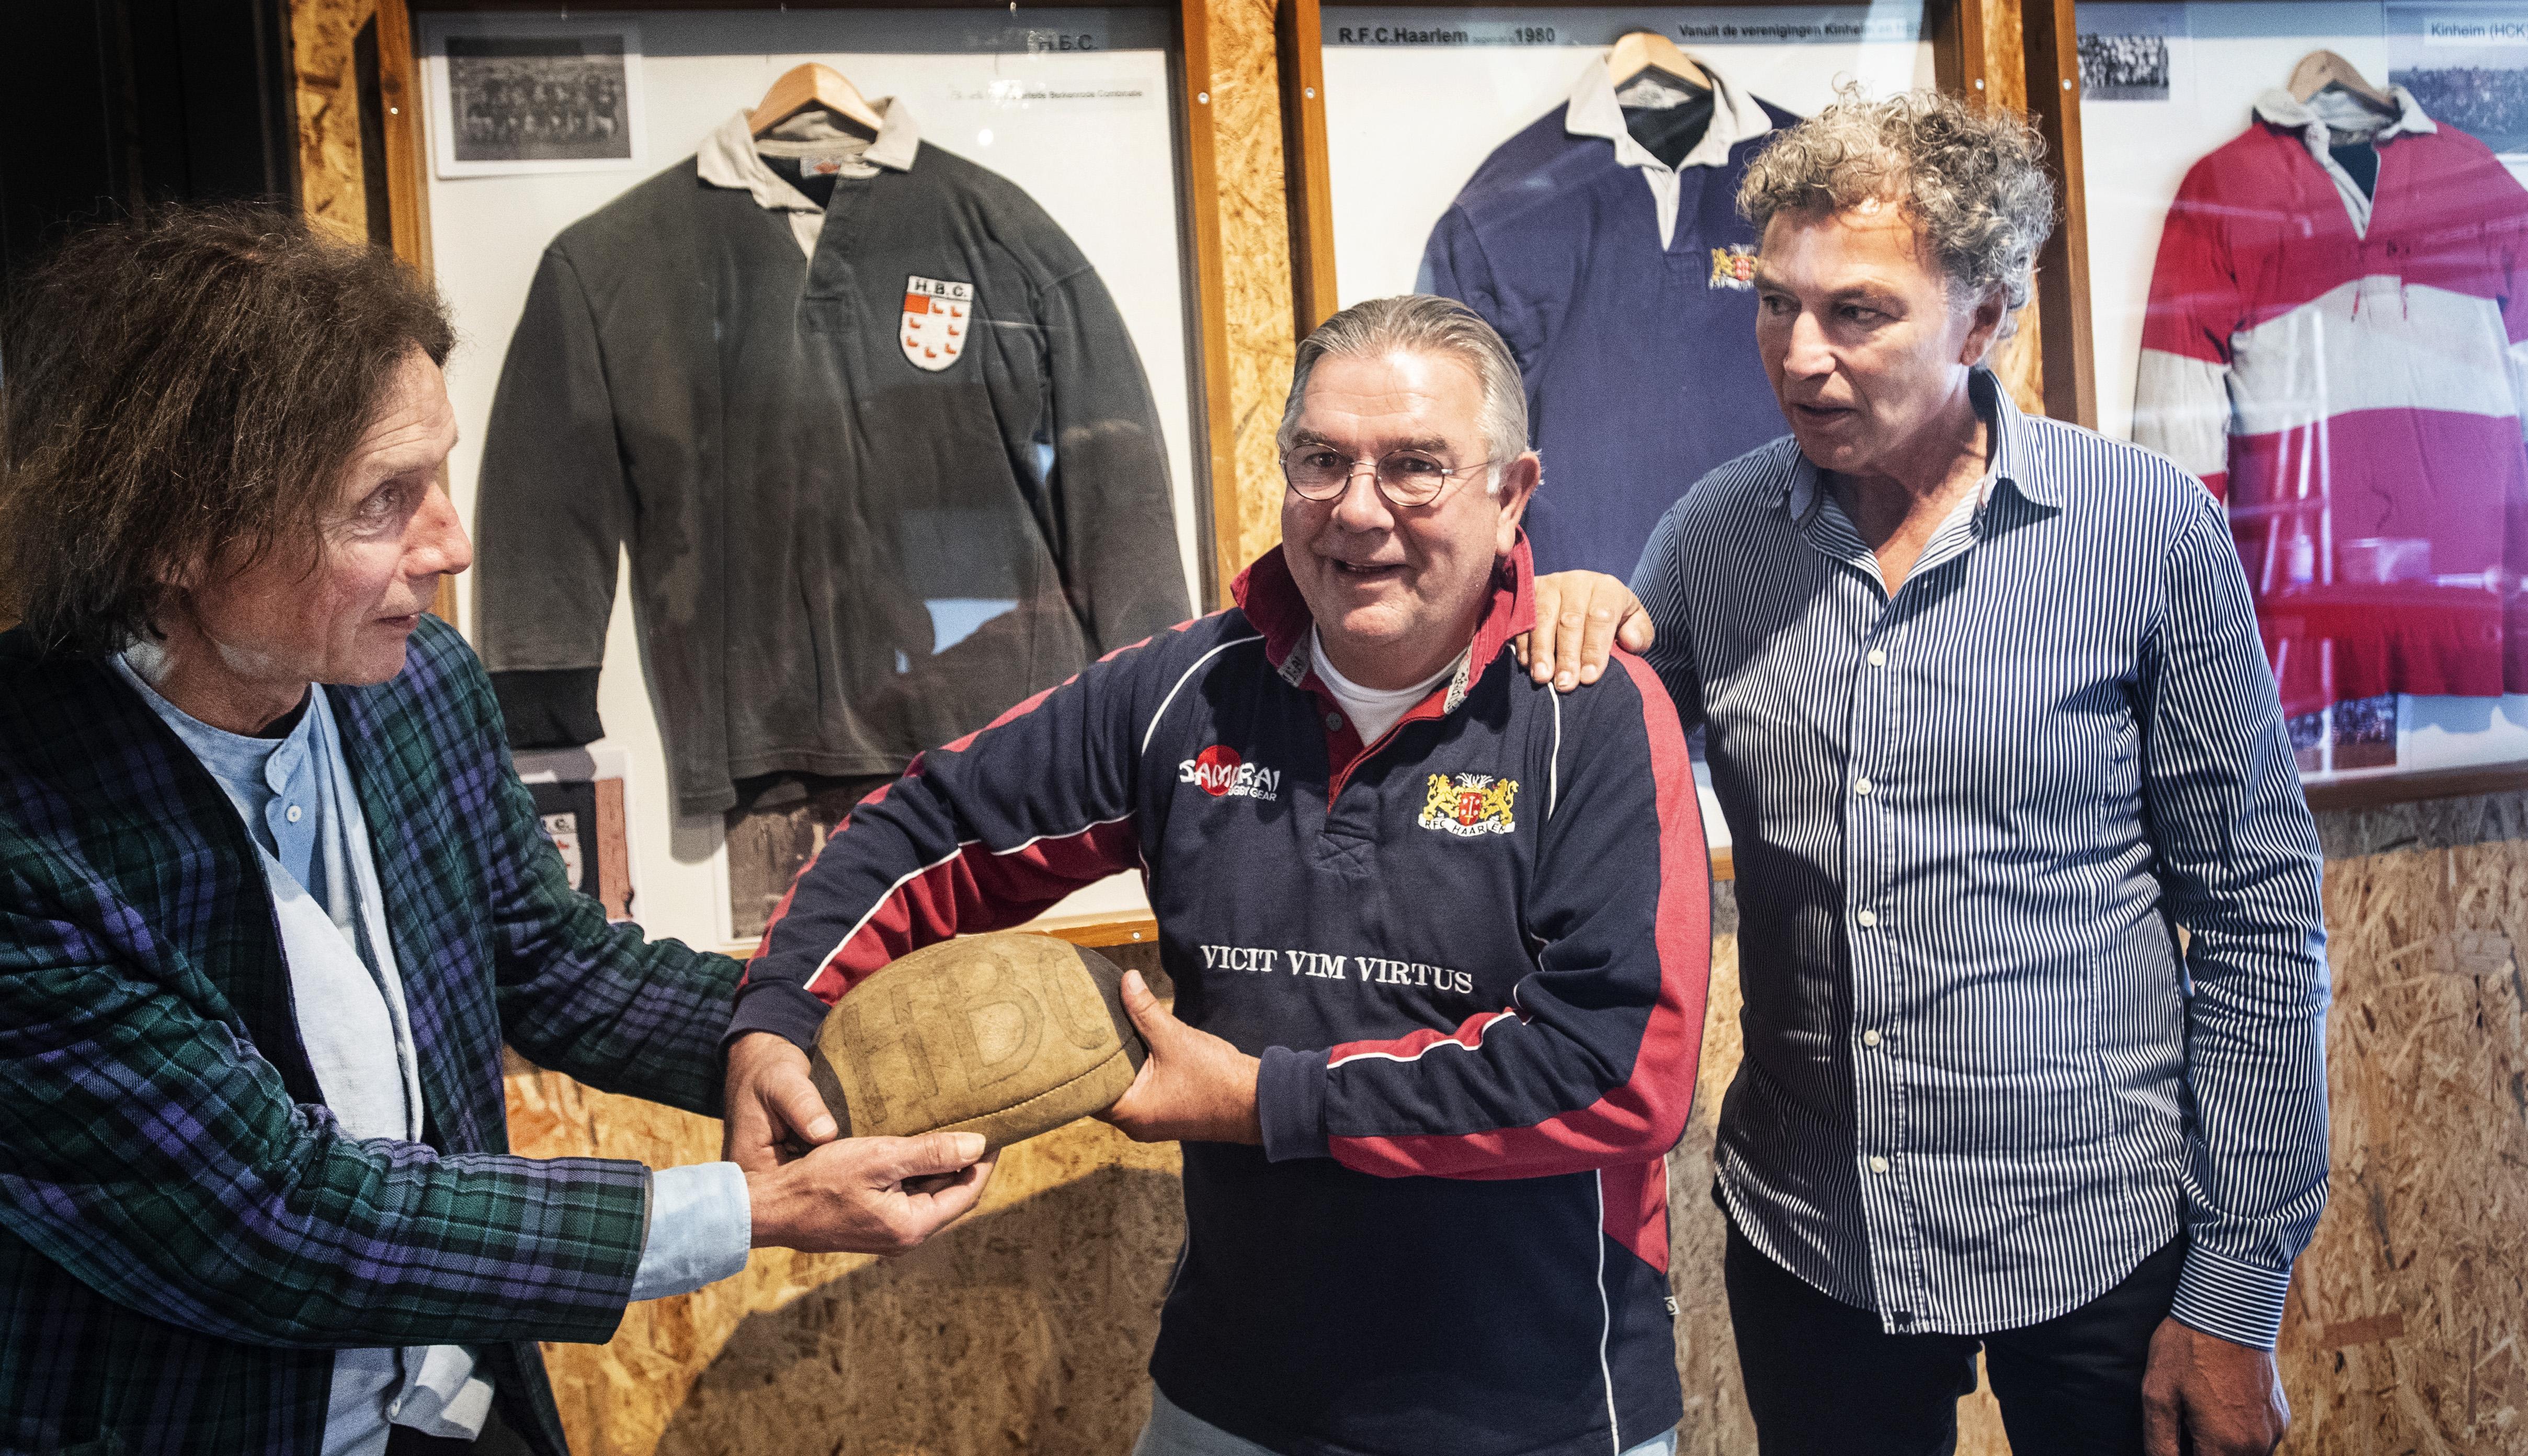 De zeven turbulente jaren van Rugbyclub HBC: pionieren in een modderpoel